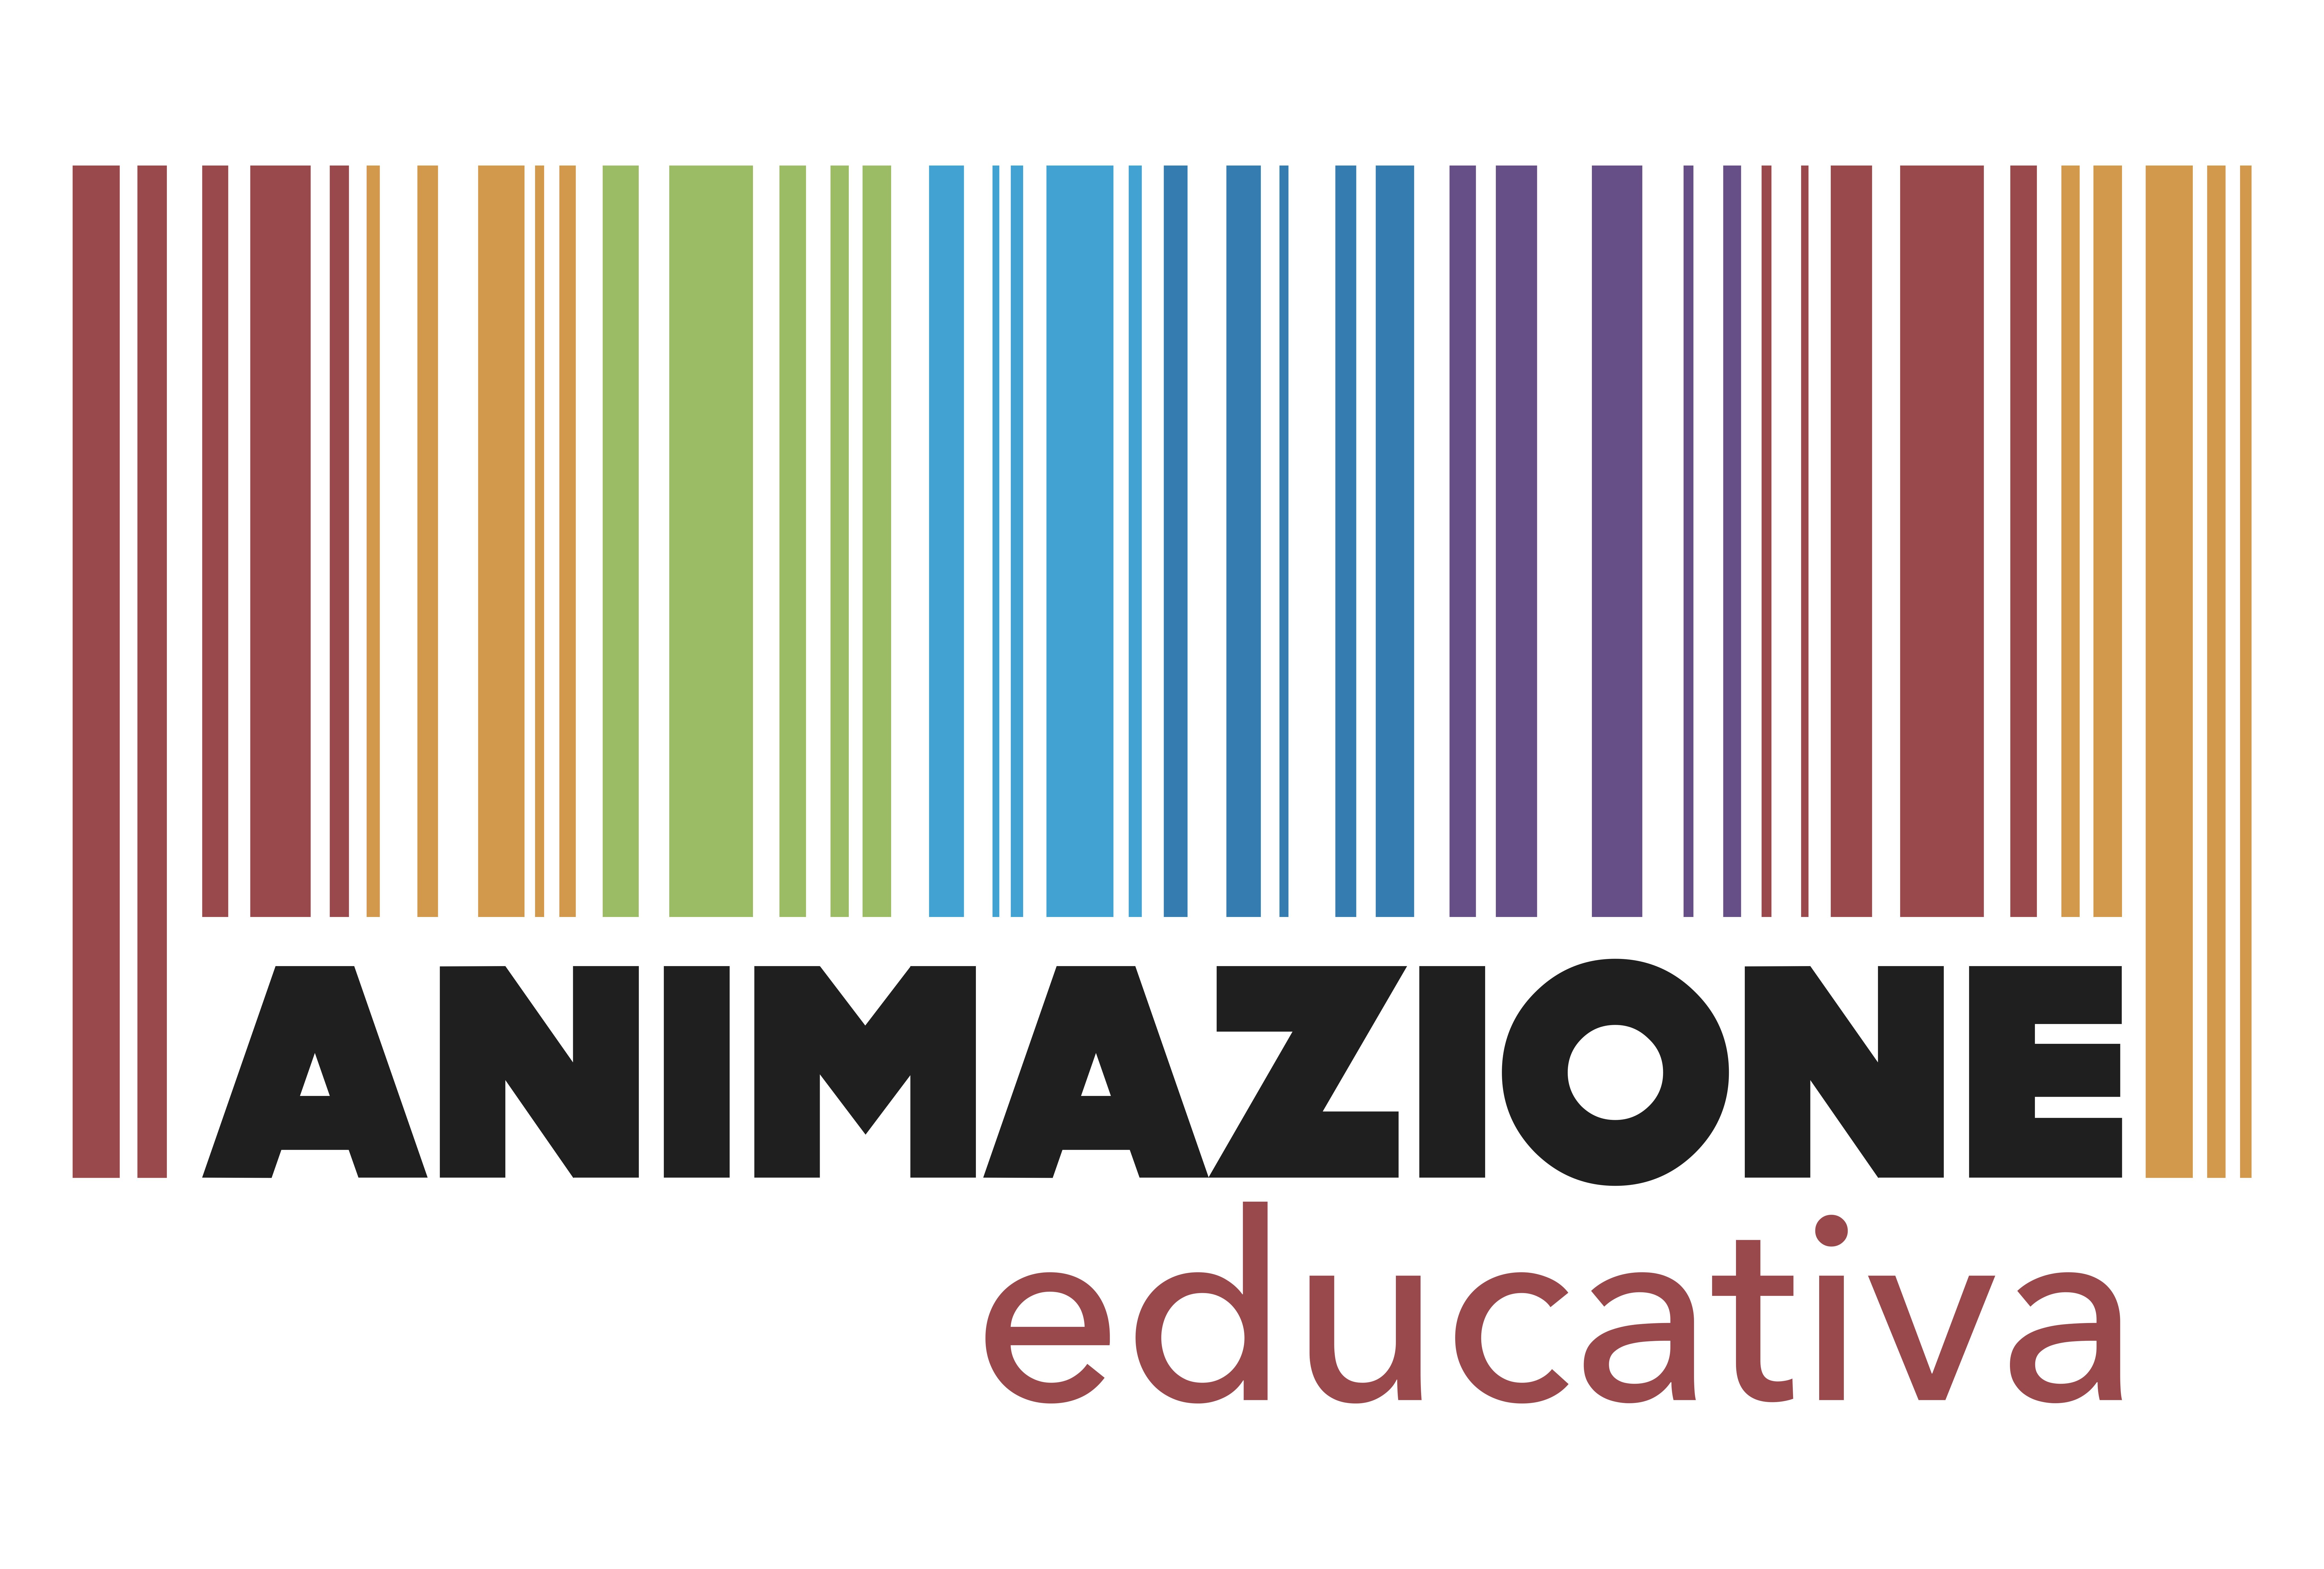 ANIMAZIONE EDUCATIVA